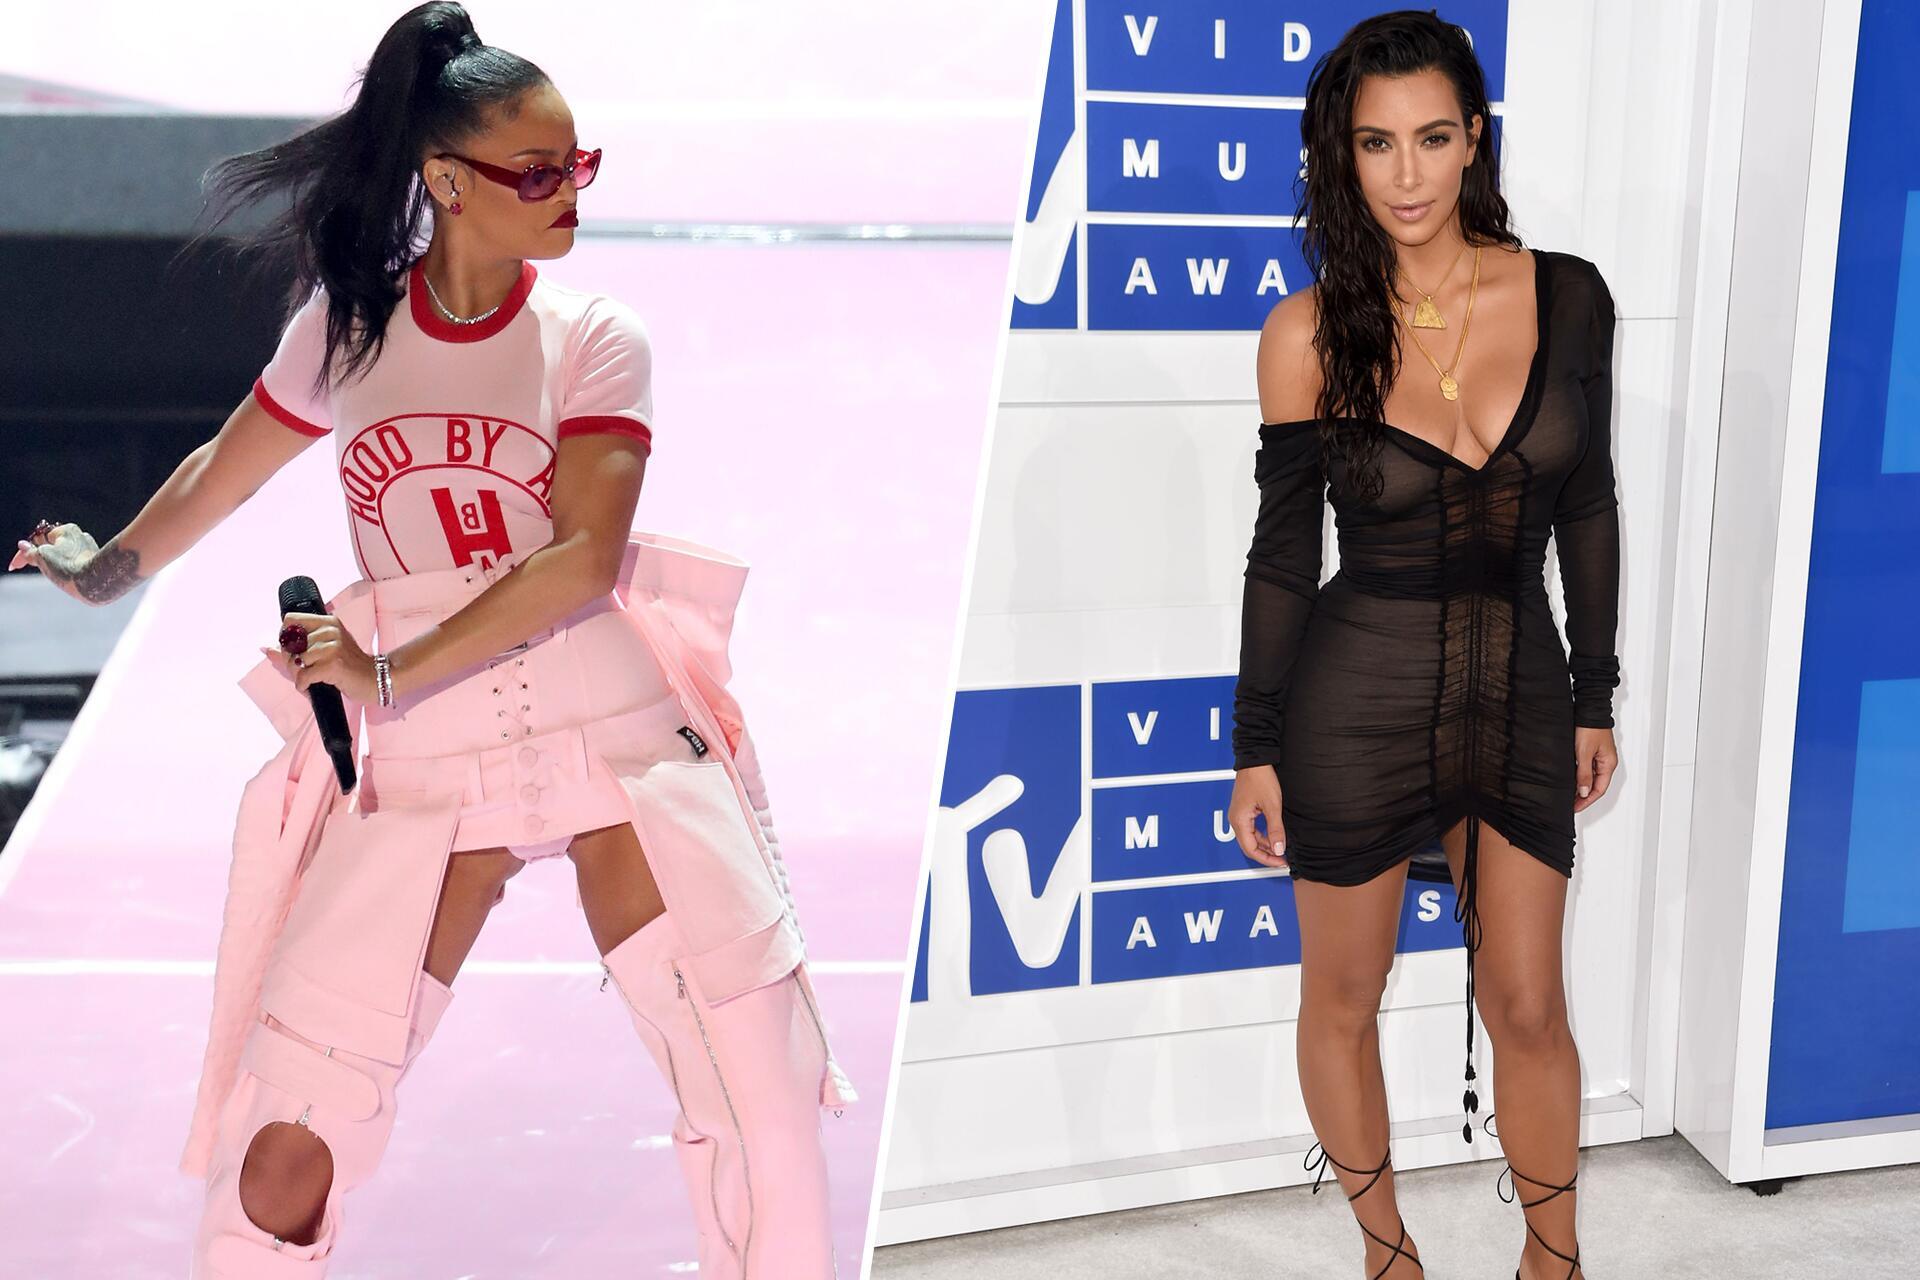 Bild zu Rihanna, Kim Kardashian, MTV Video Music Awards, 2016